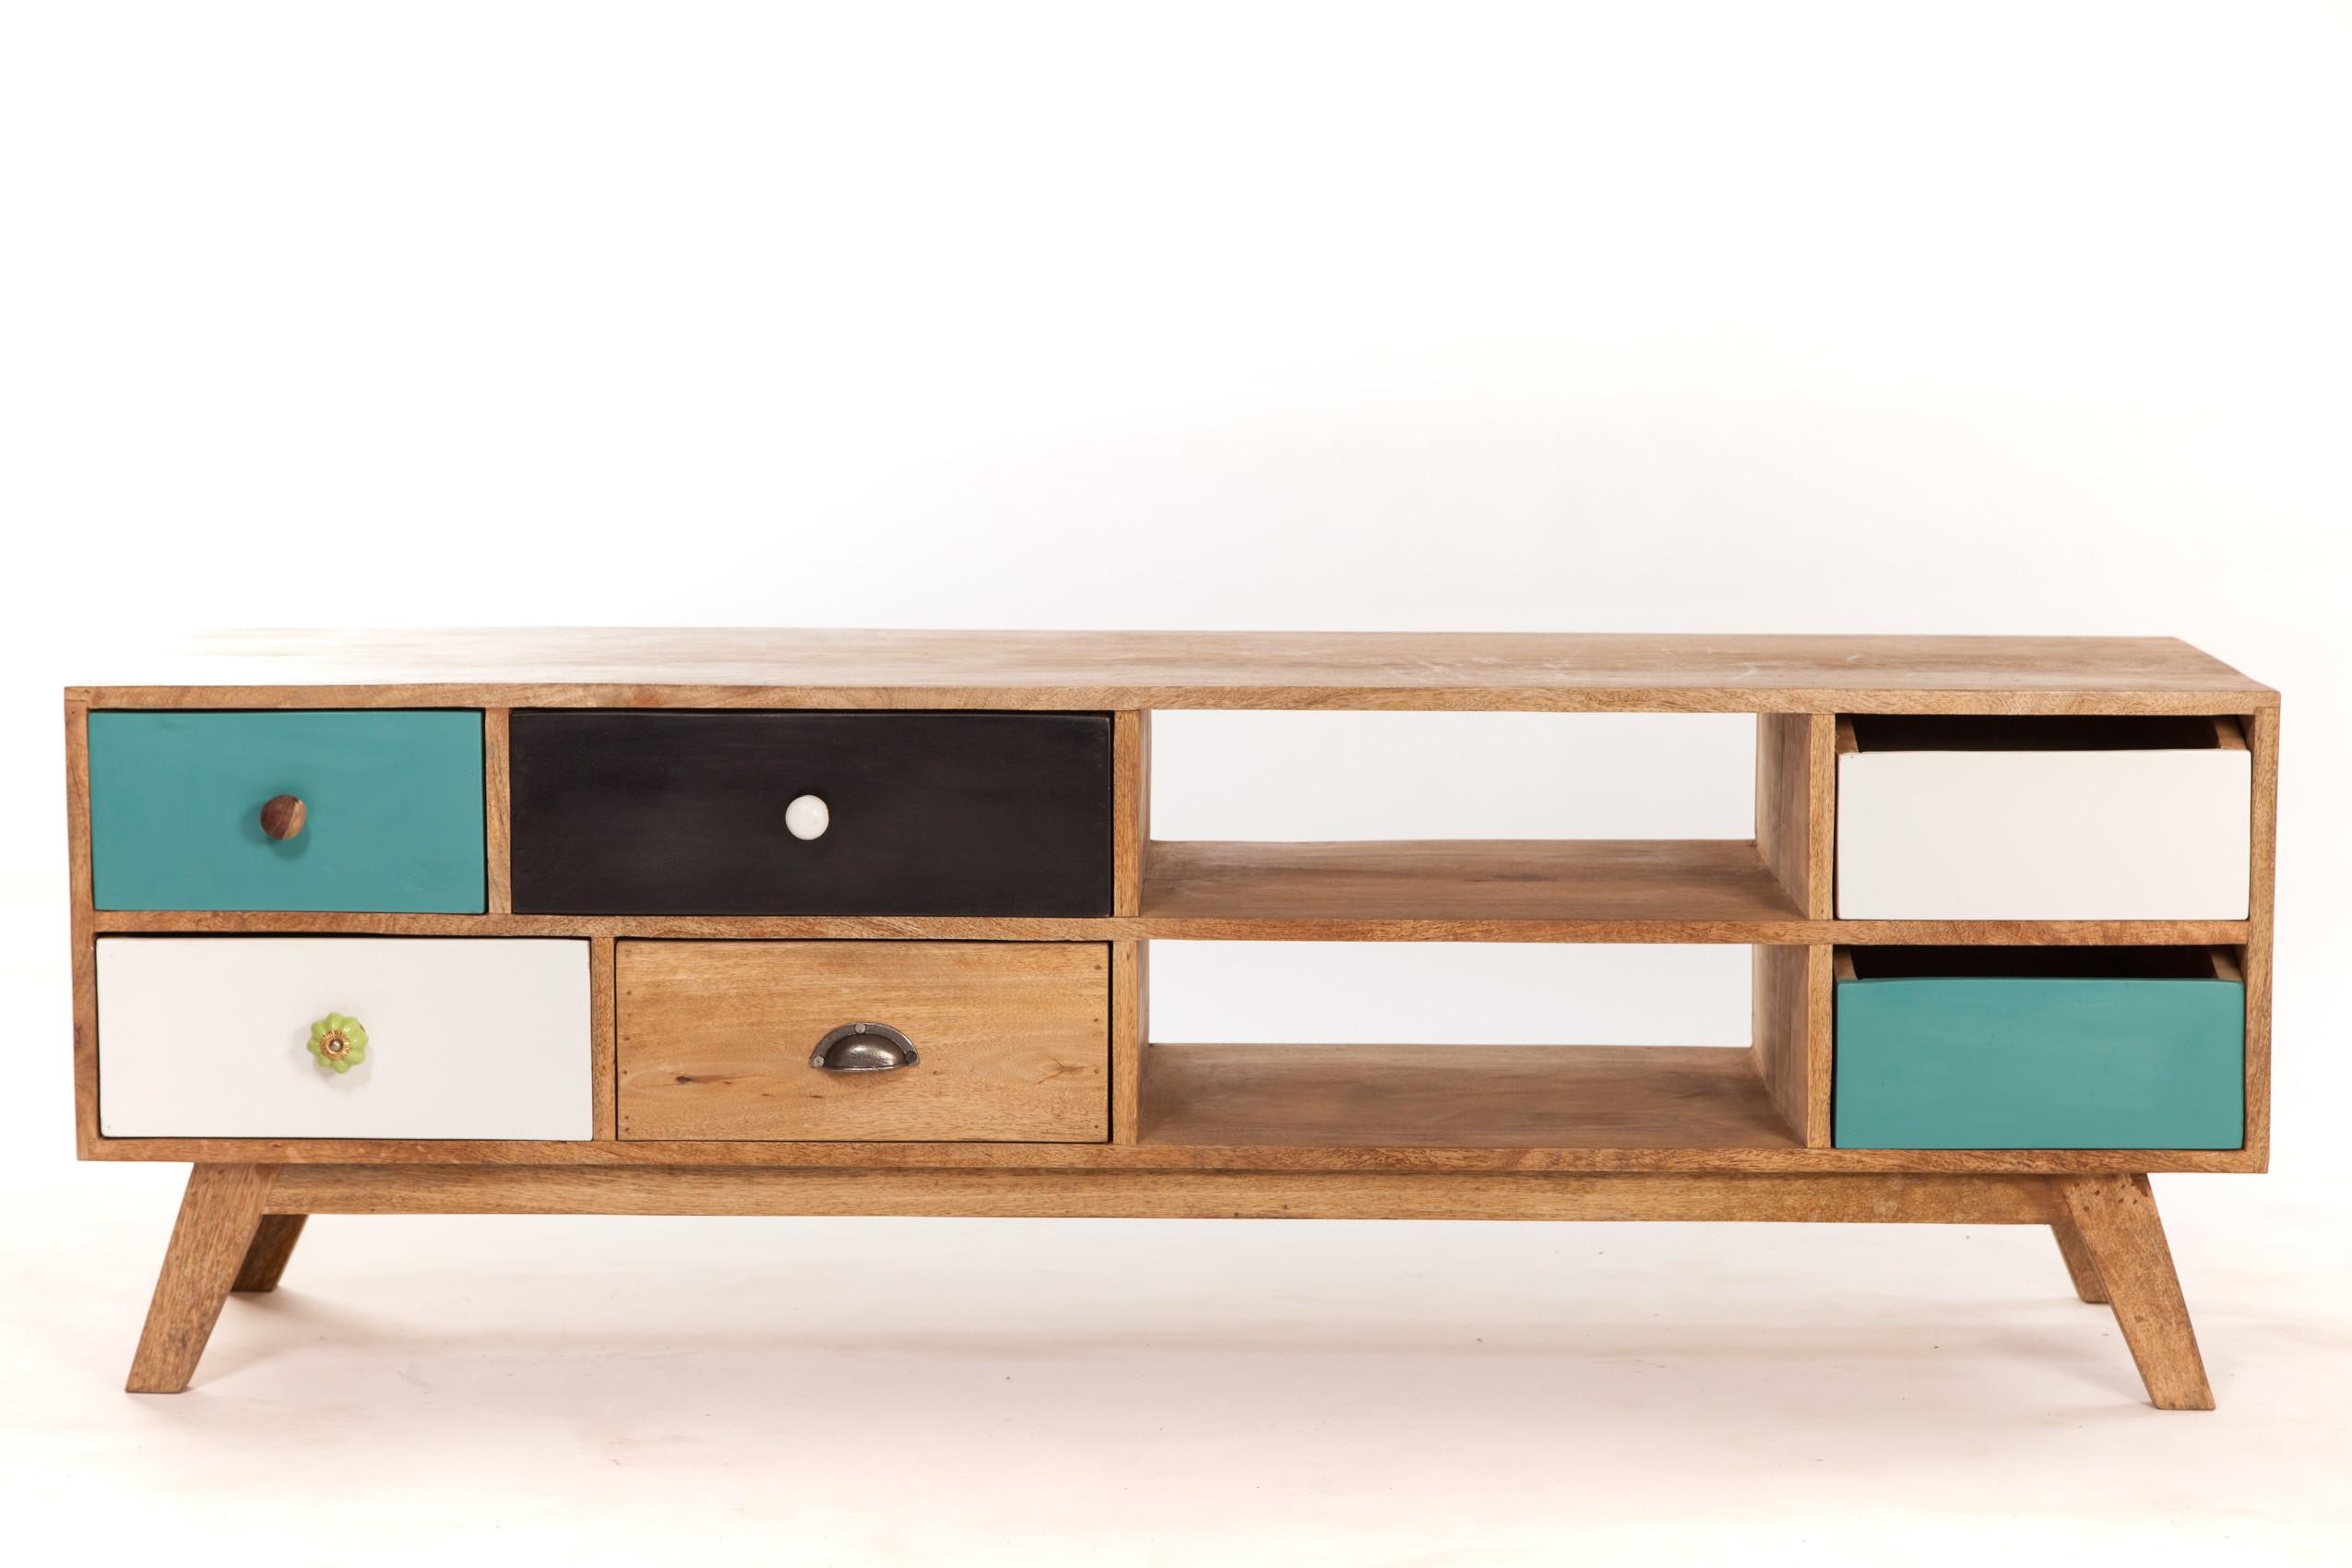 meuble tv scandinave pas cher maison et mobilier d 39 int rieur. Black Bedroom Furniture Sets. Home Design Ideas